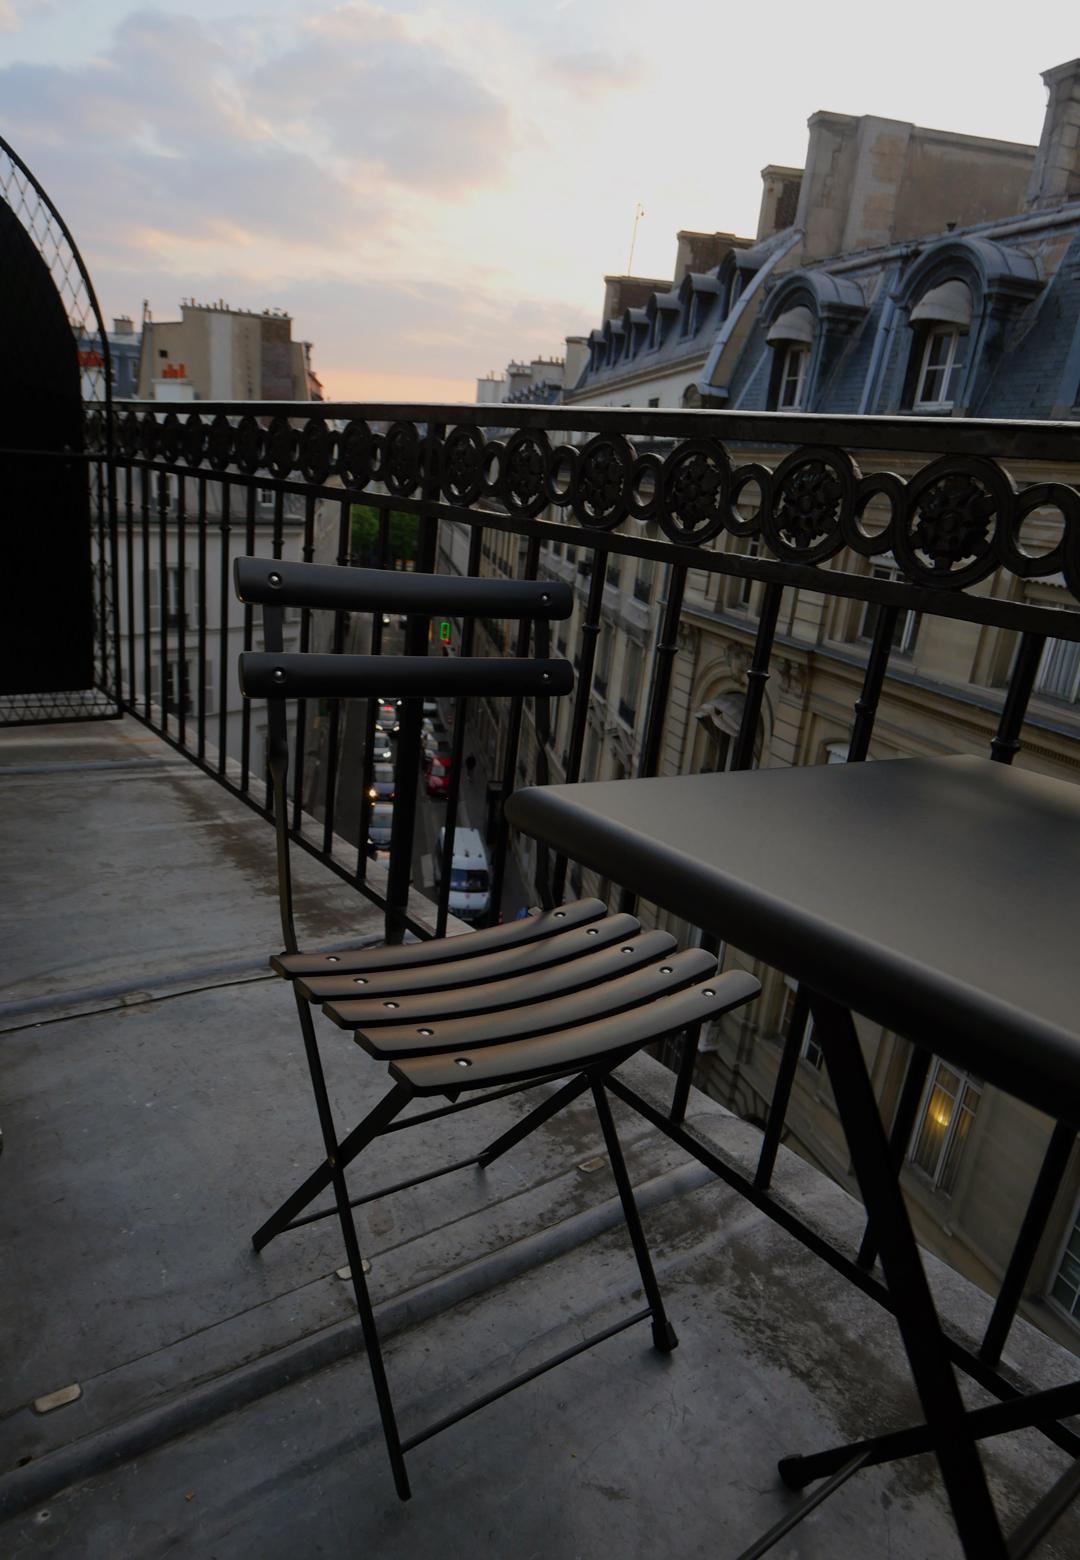 Balcony - Flaubert - Les Pavillon des Lettres